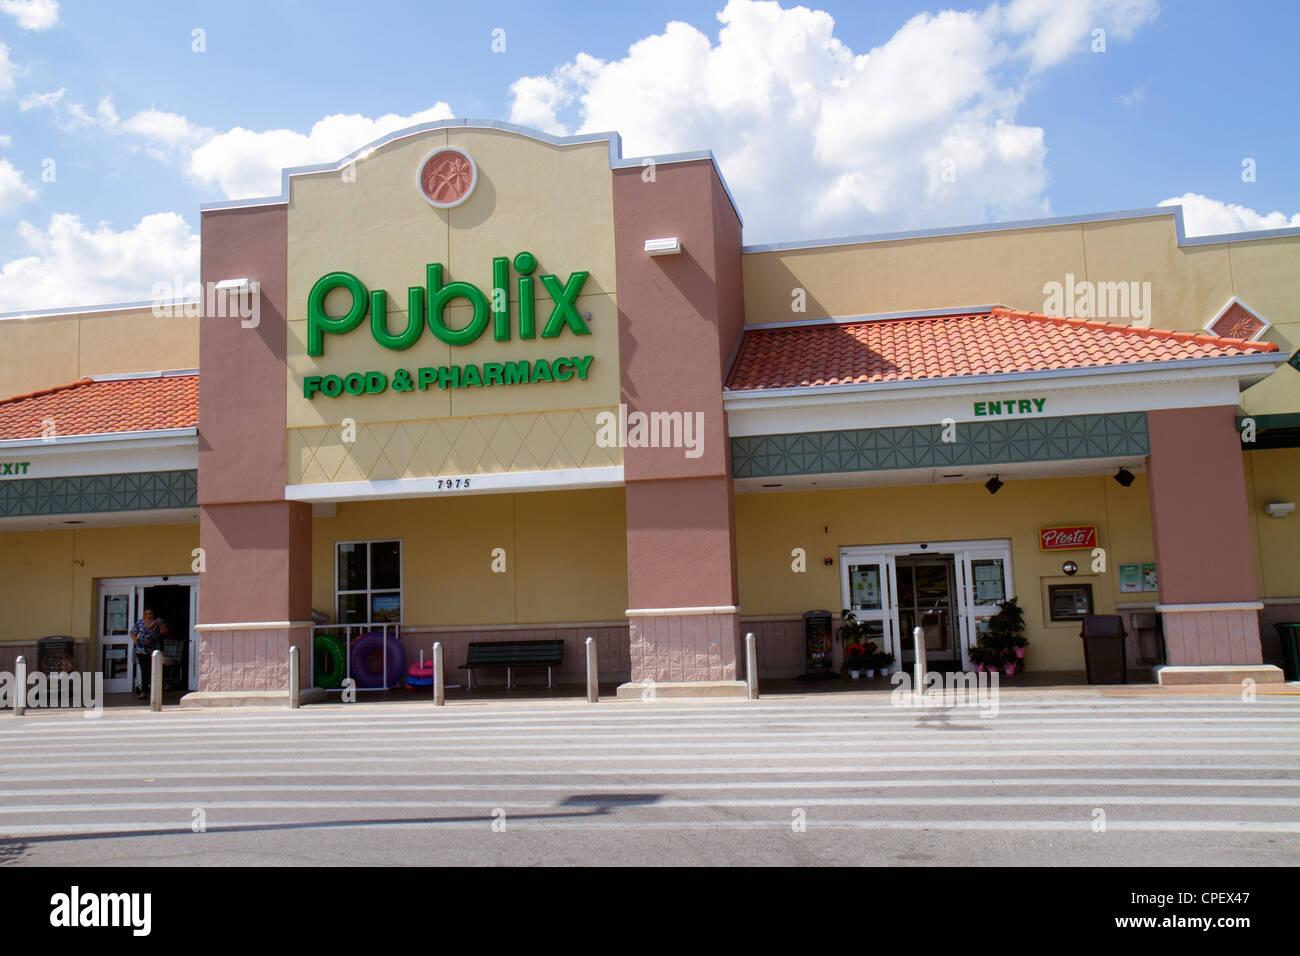 publix supermarket stock photos u0026 publix supermarket stock images